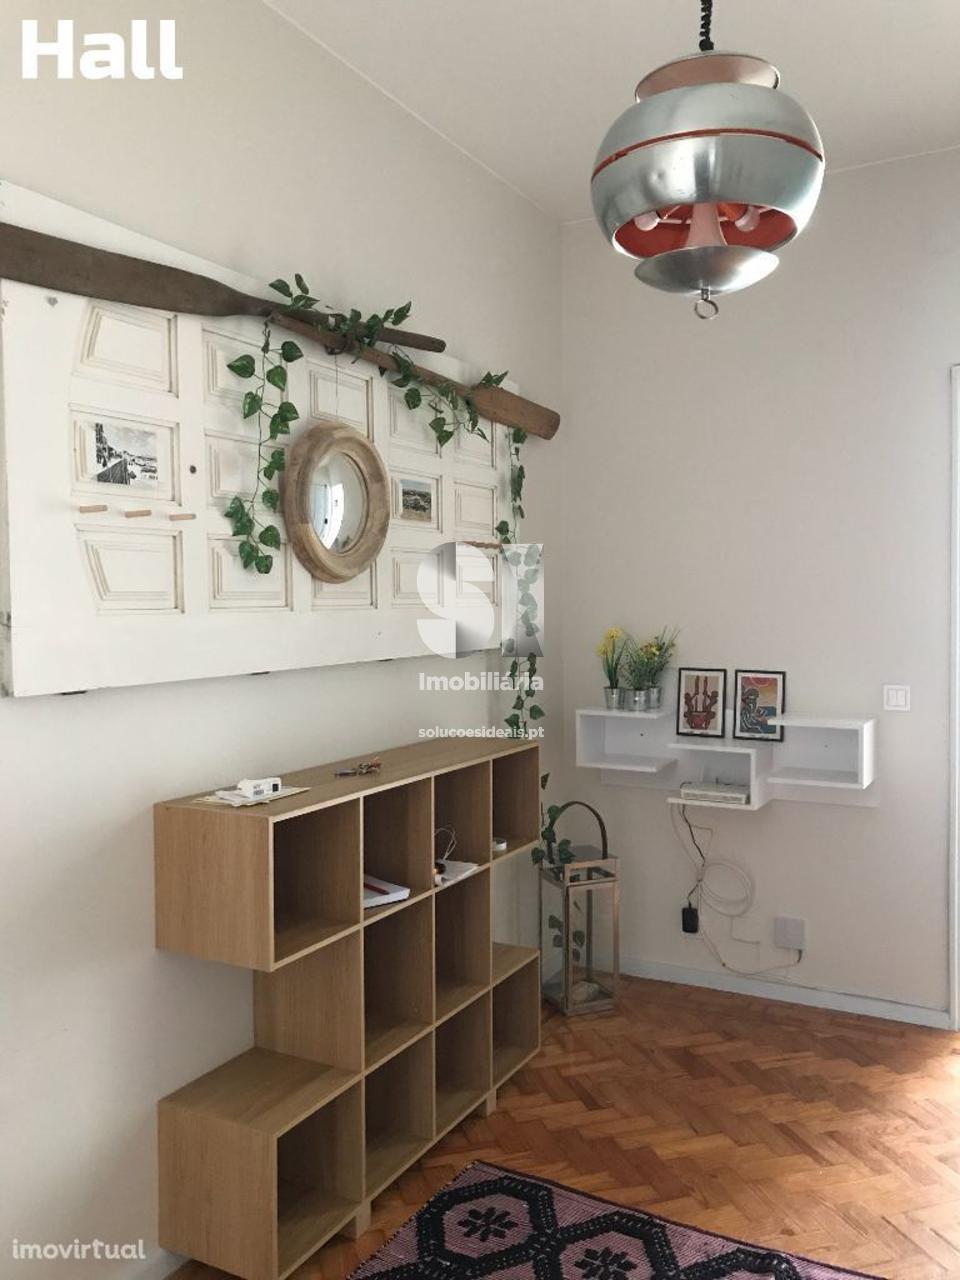 apartamento t3 para compra em leiria uniao das freguesias de leiria pousos barreira e cortes LRAAF46